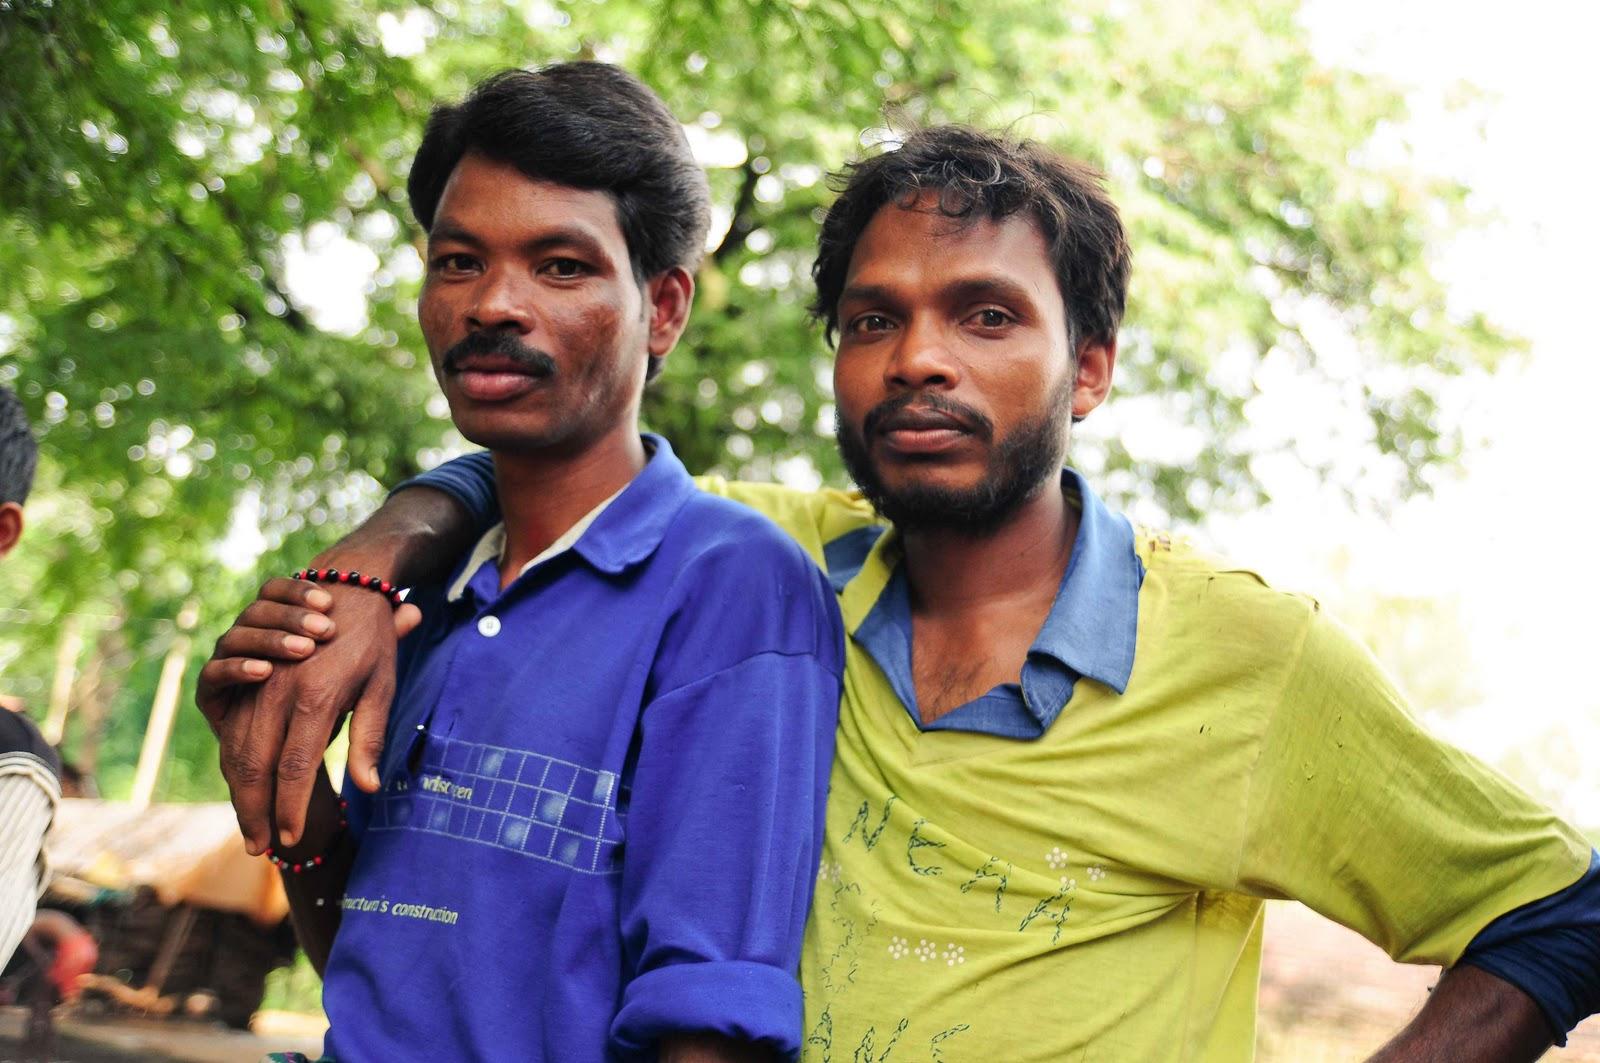 Indische frauen suchen mann